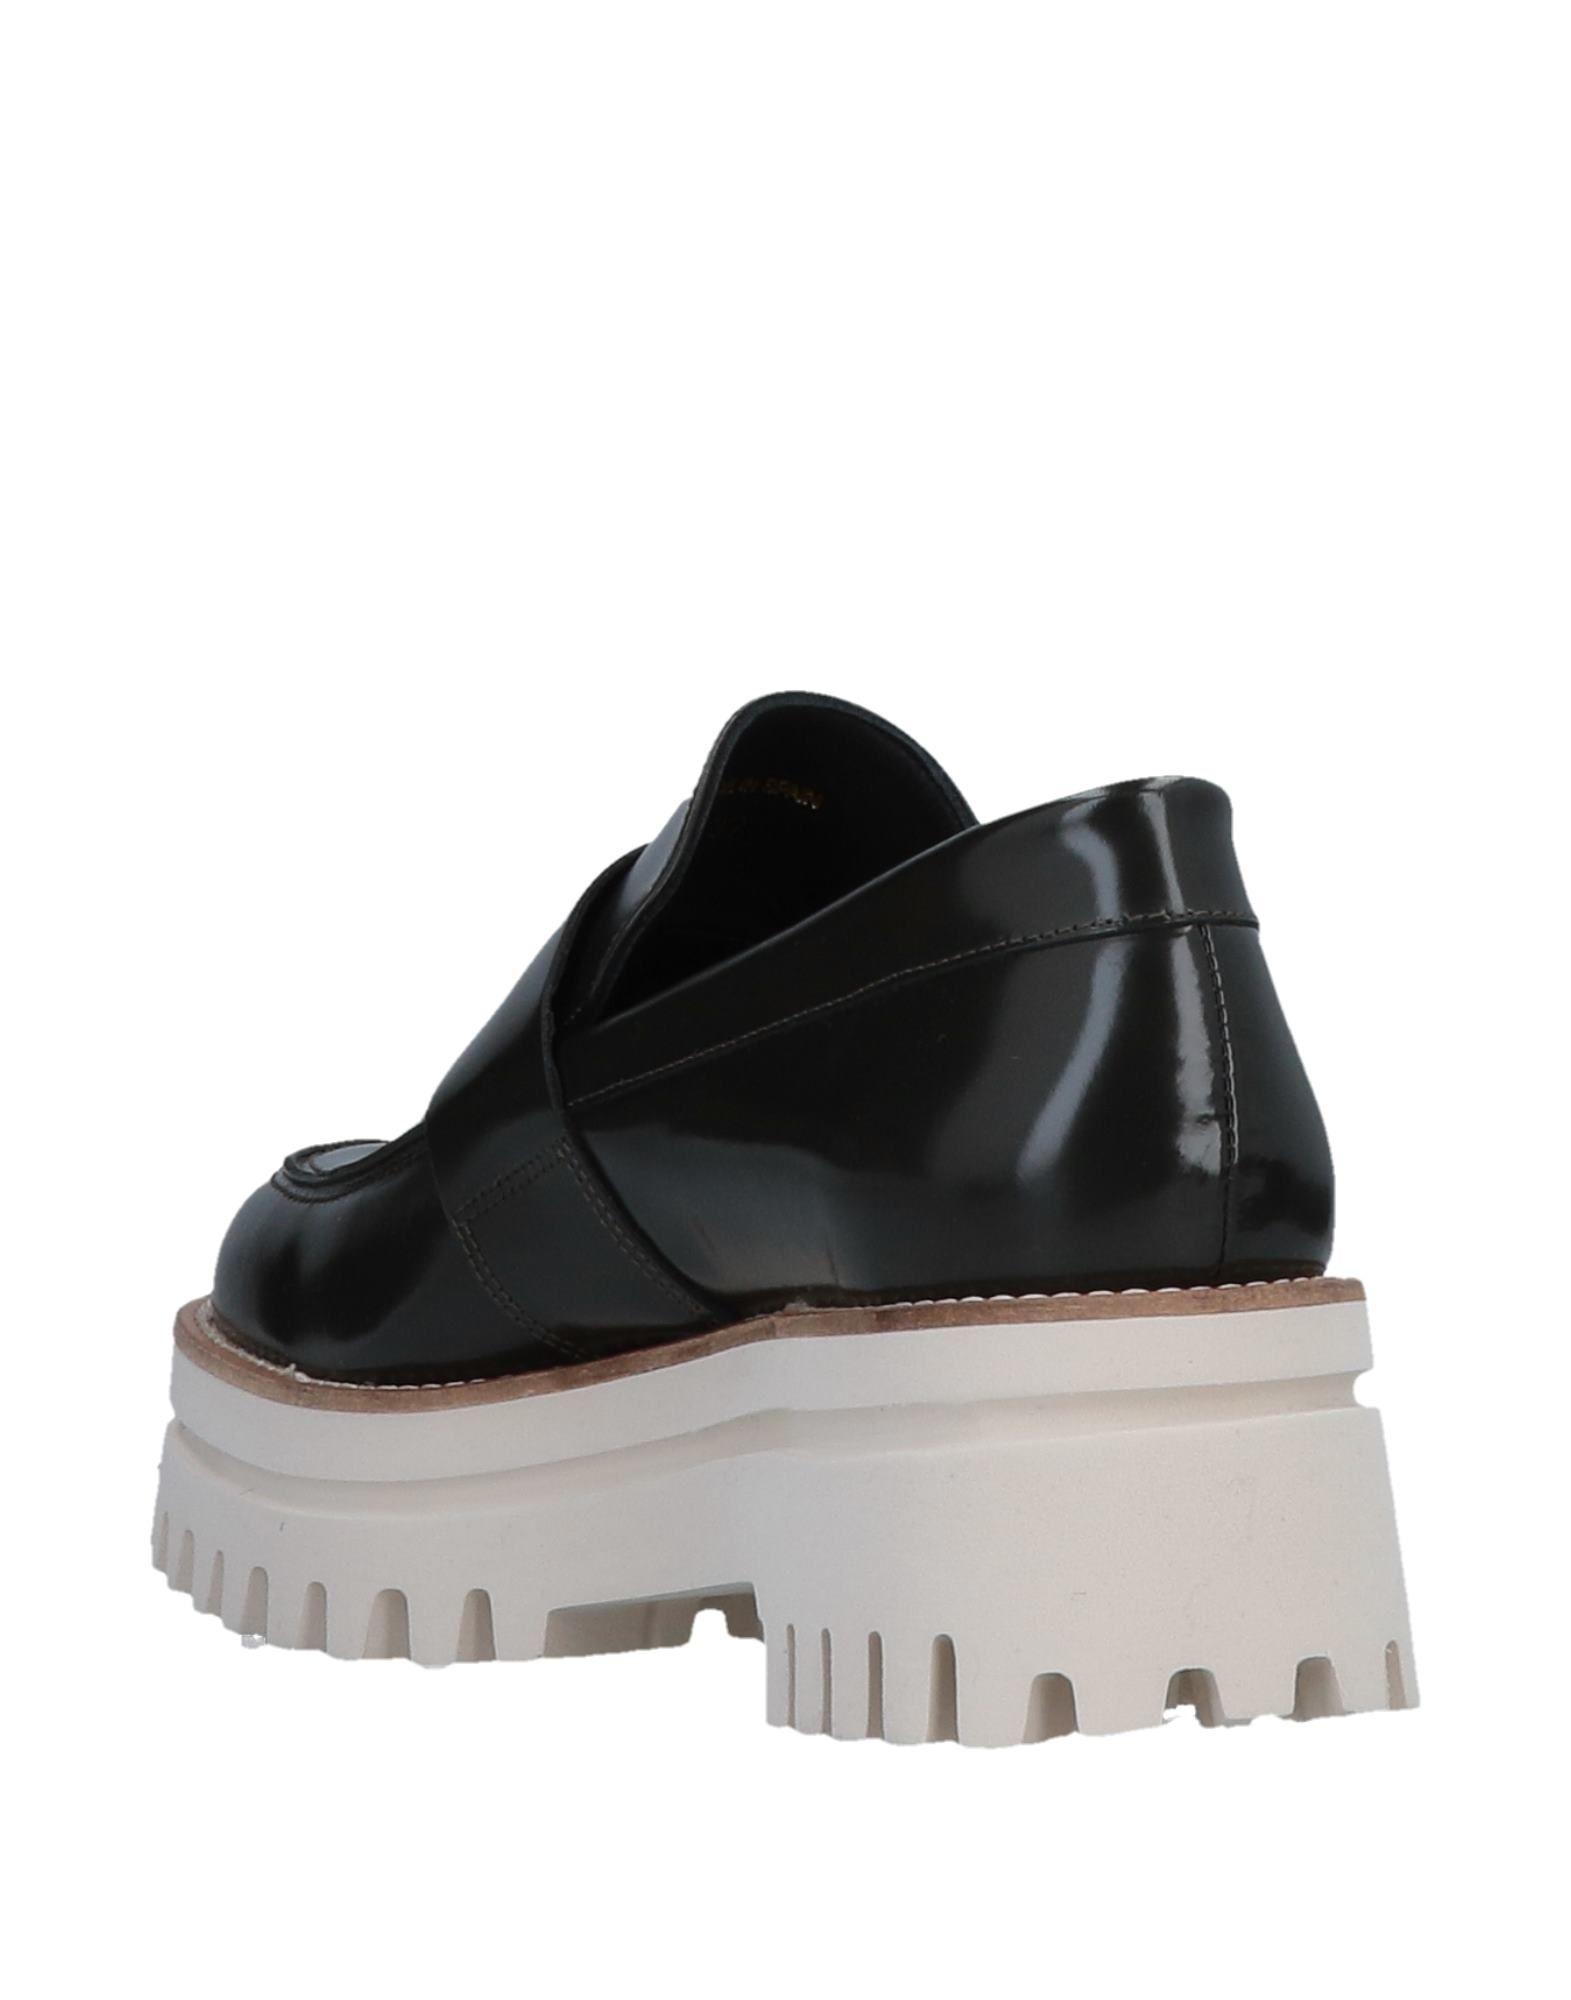 Paloma Barceló Mokassins Damen beliebte  11512988WJ Gute Qualität beliebte Damen Schuhe 881ddd